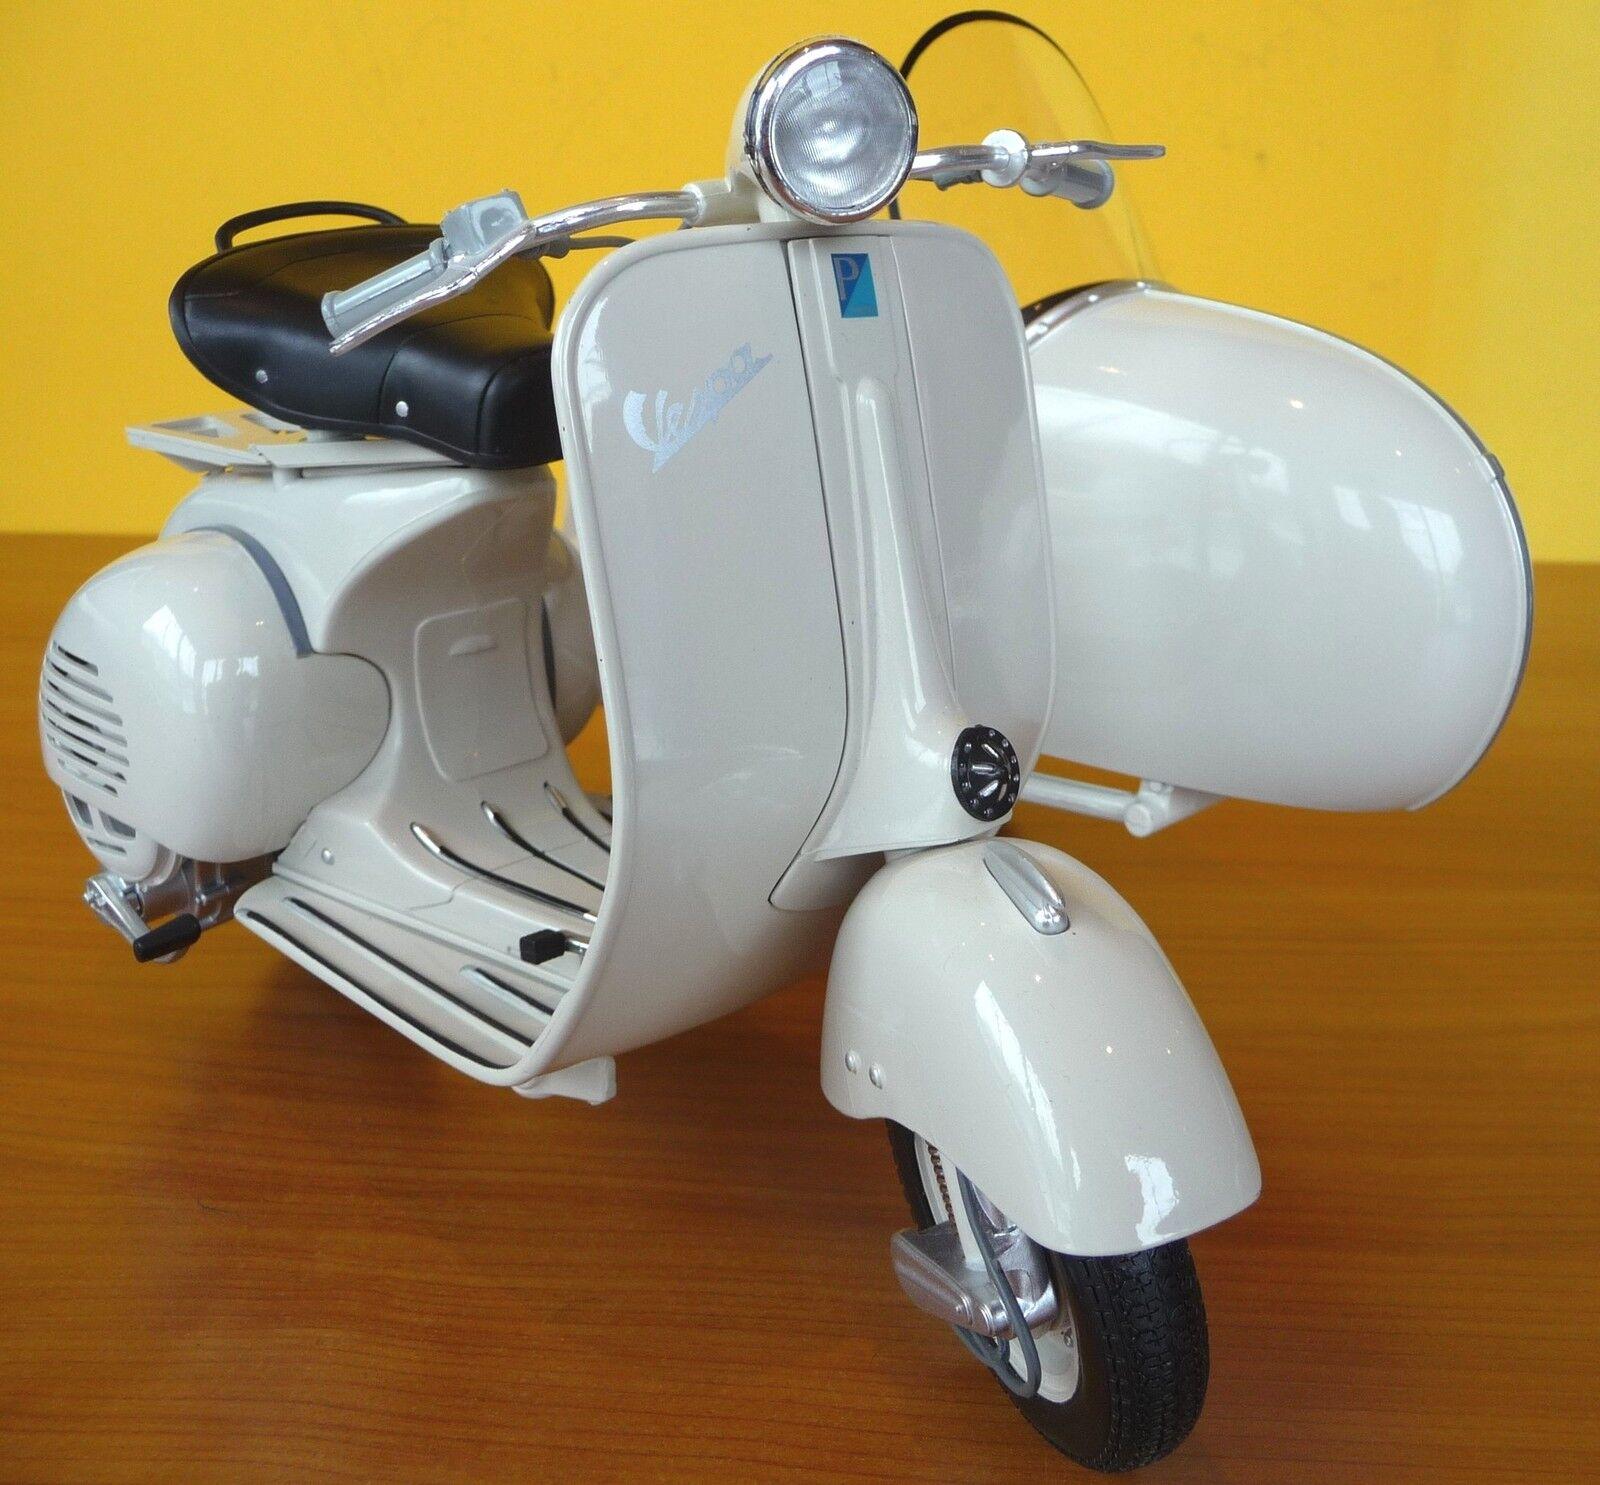 Stand Modèle PIAGGIO VESPA 150 vl1t avec side-car l'année de construction 1955 in 1 6 Scooter 48993